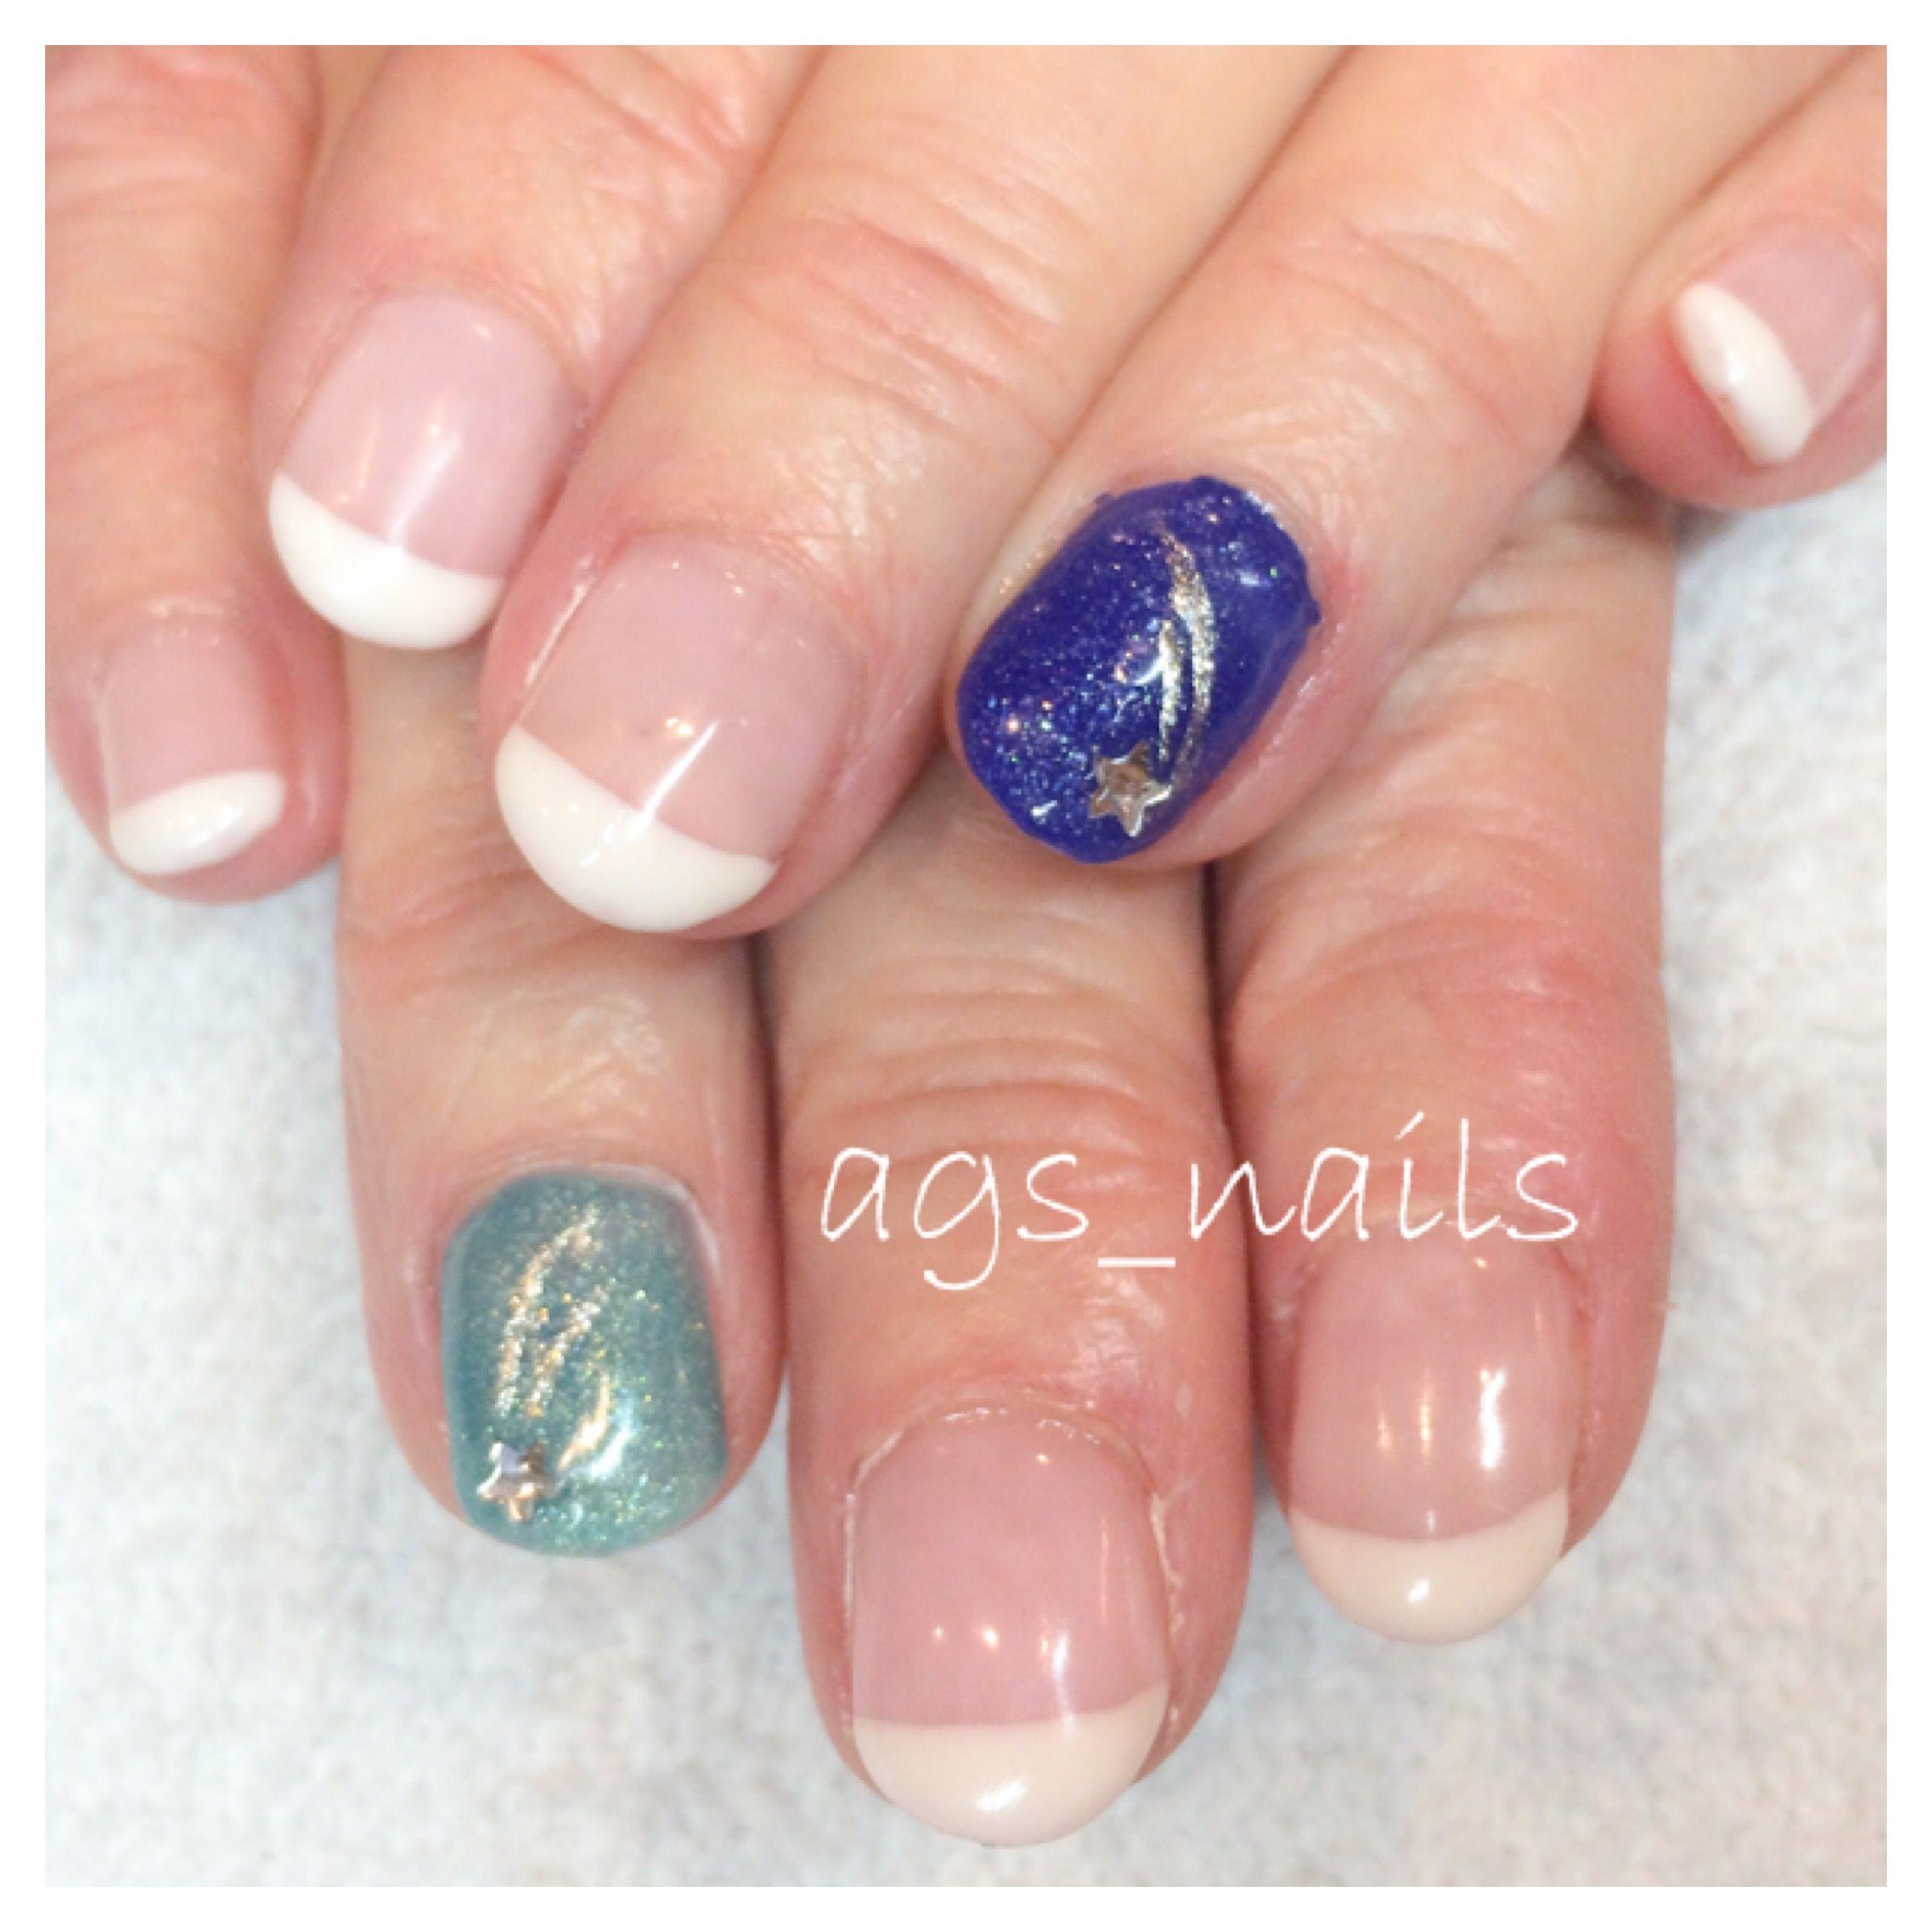 ags nail studio   Nail studio, Nails, Nail art